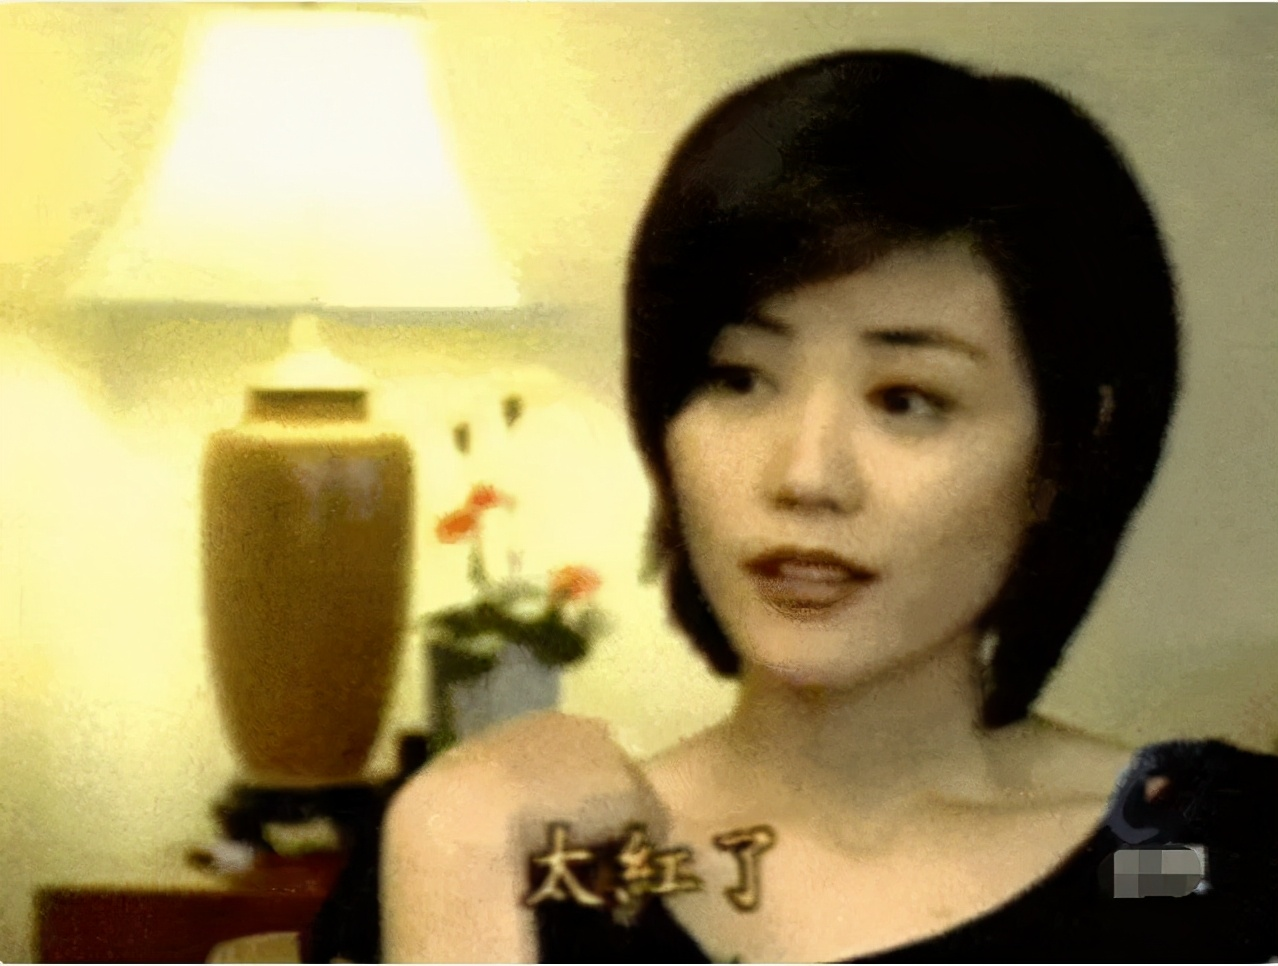 """51岁""""少女""""王菲玩太嗨!音乐节蹦迪蹦丢手机,一脸兴奋似醉酒"""